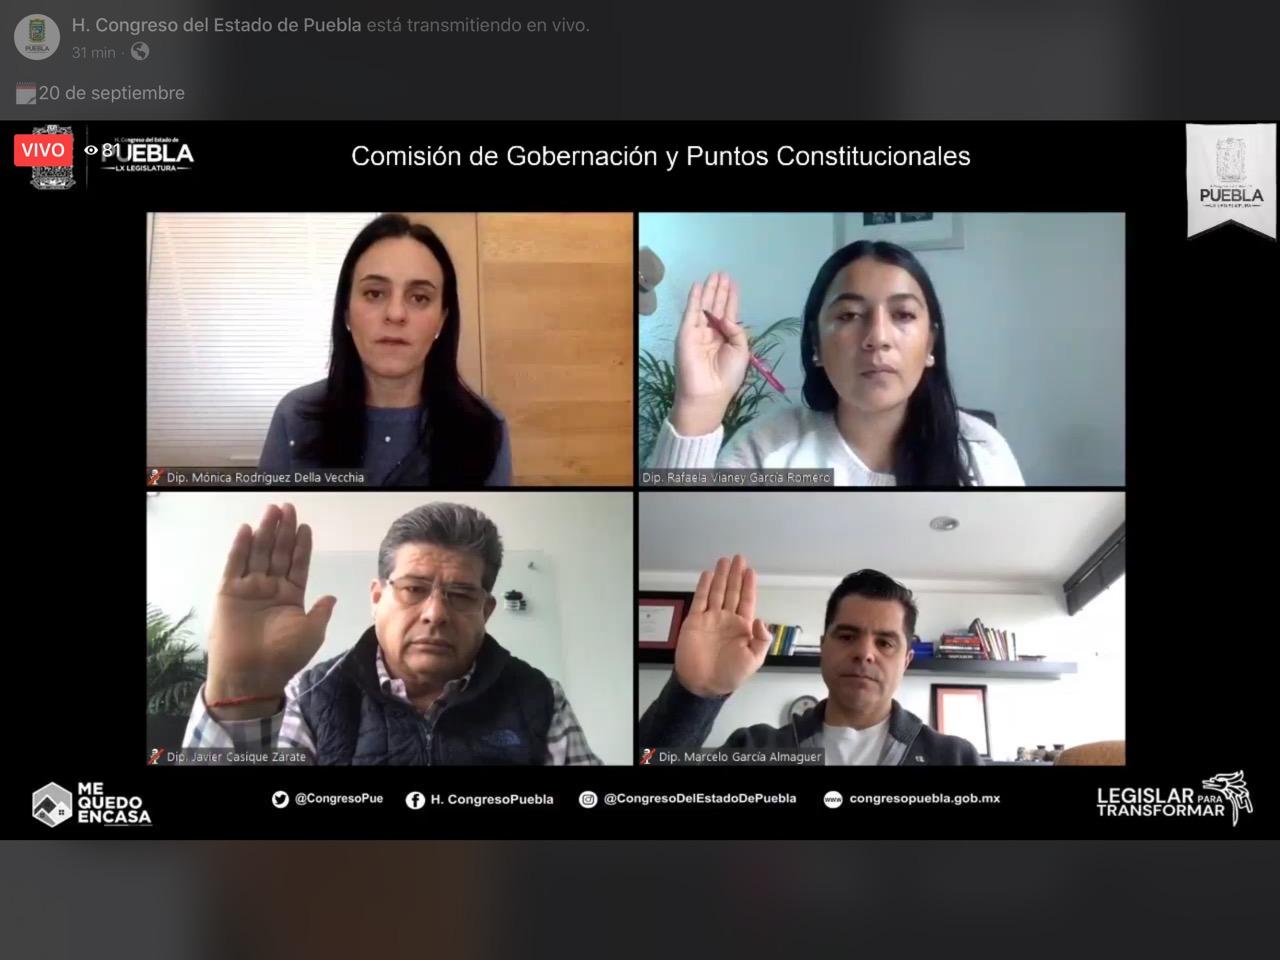 COMISIÓN DE GOBERNACIÓN DEL CONGRESO DEL ESTADO APRUEBA DESAPARICIÓN DEL AYUNTAMIENTO DE TEHUACÁN Y AVALA NOMBRAMIENTO DE CONCEJO MUNICIPAL